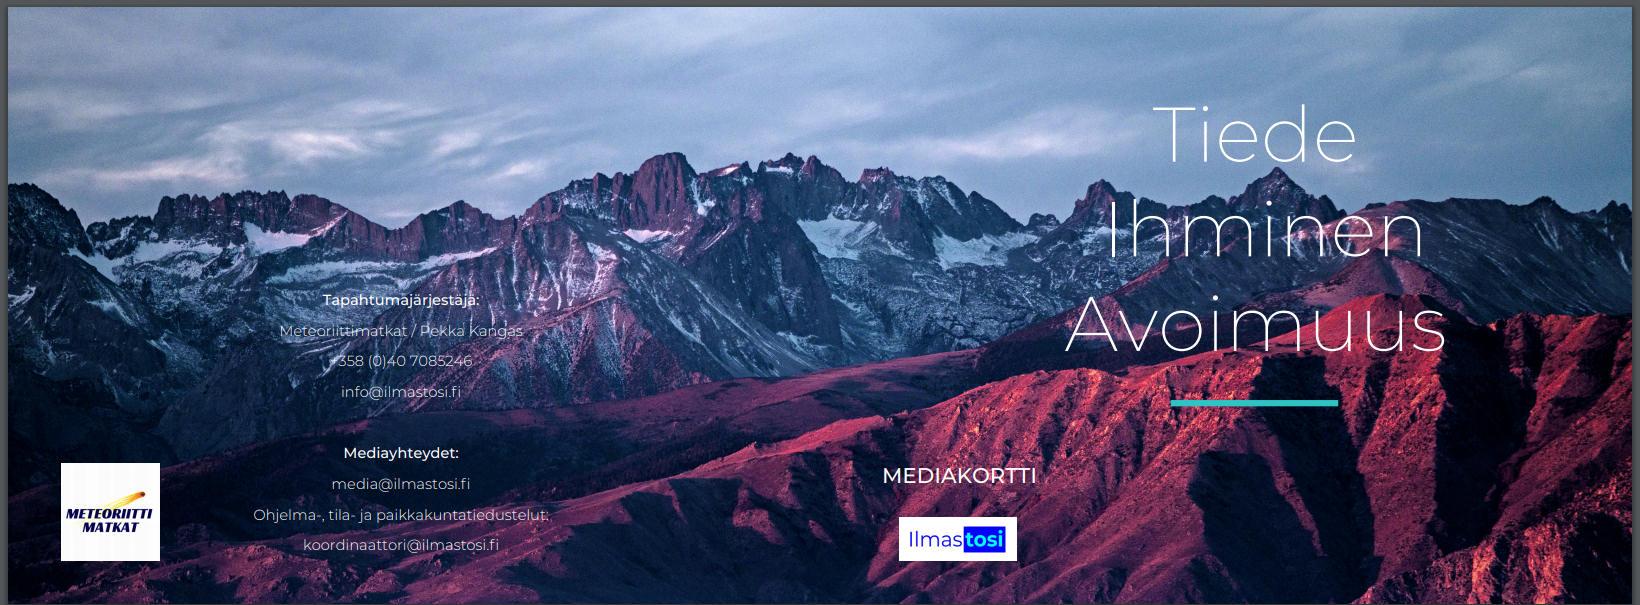 ilmastosi-mediakortti-1